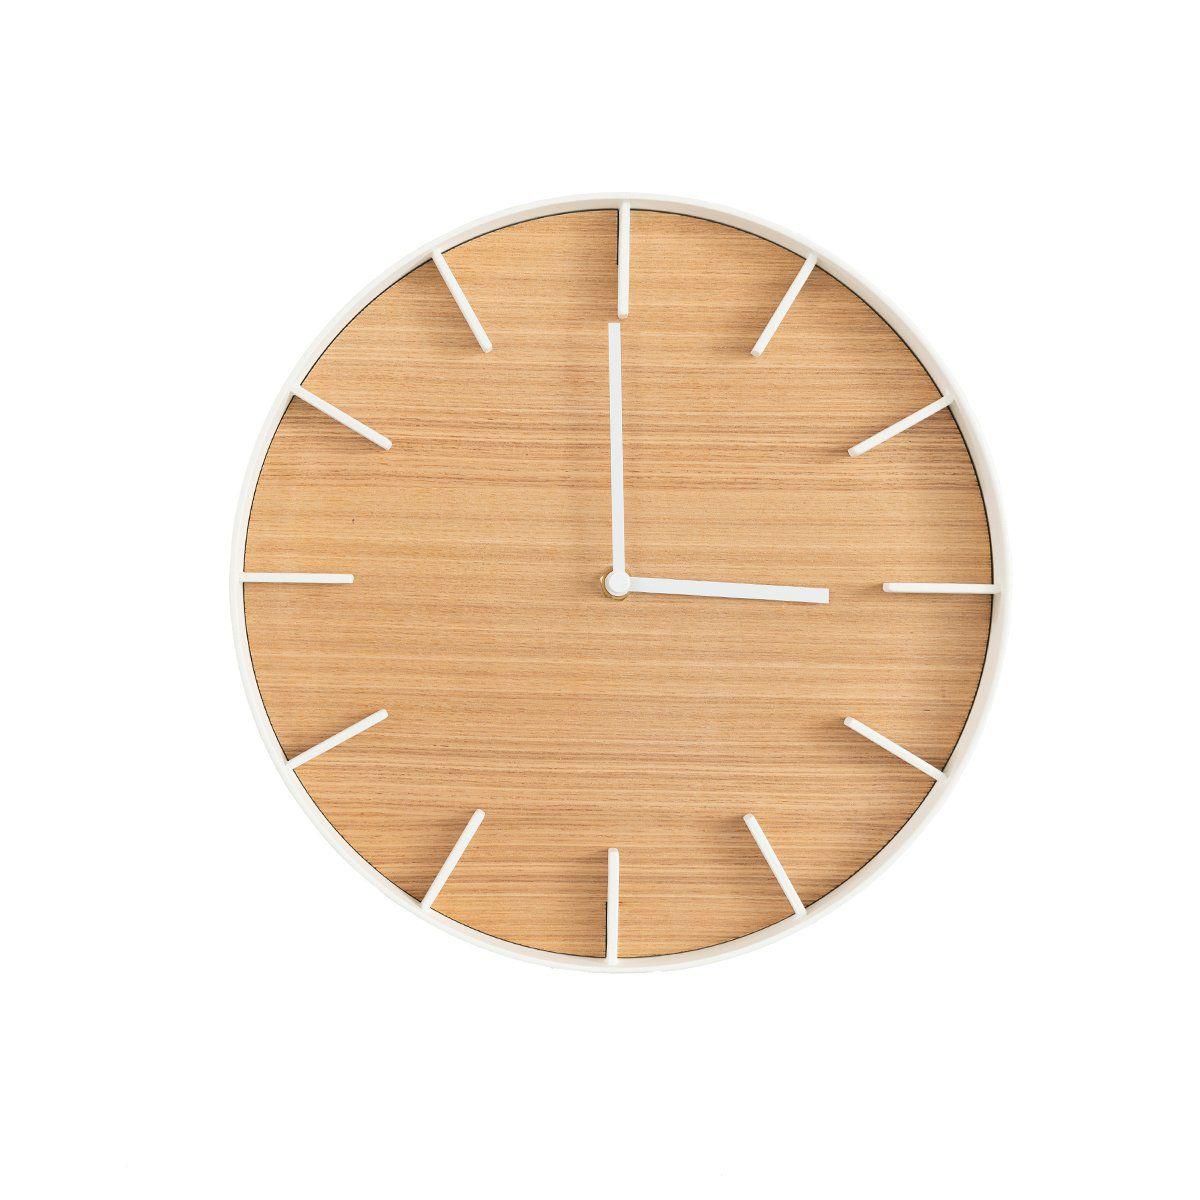 Letterfolk Elemental Wood Wall Clock